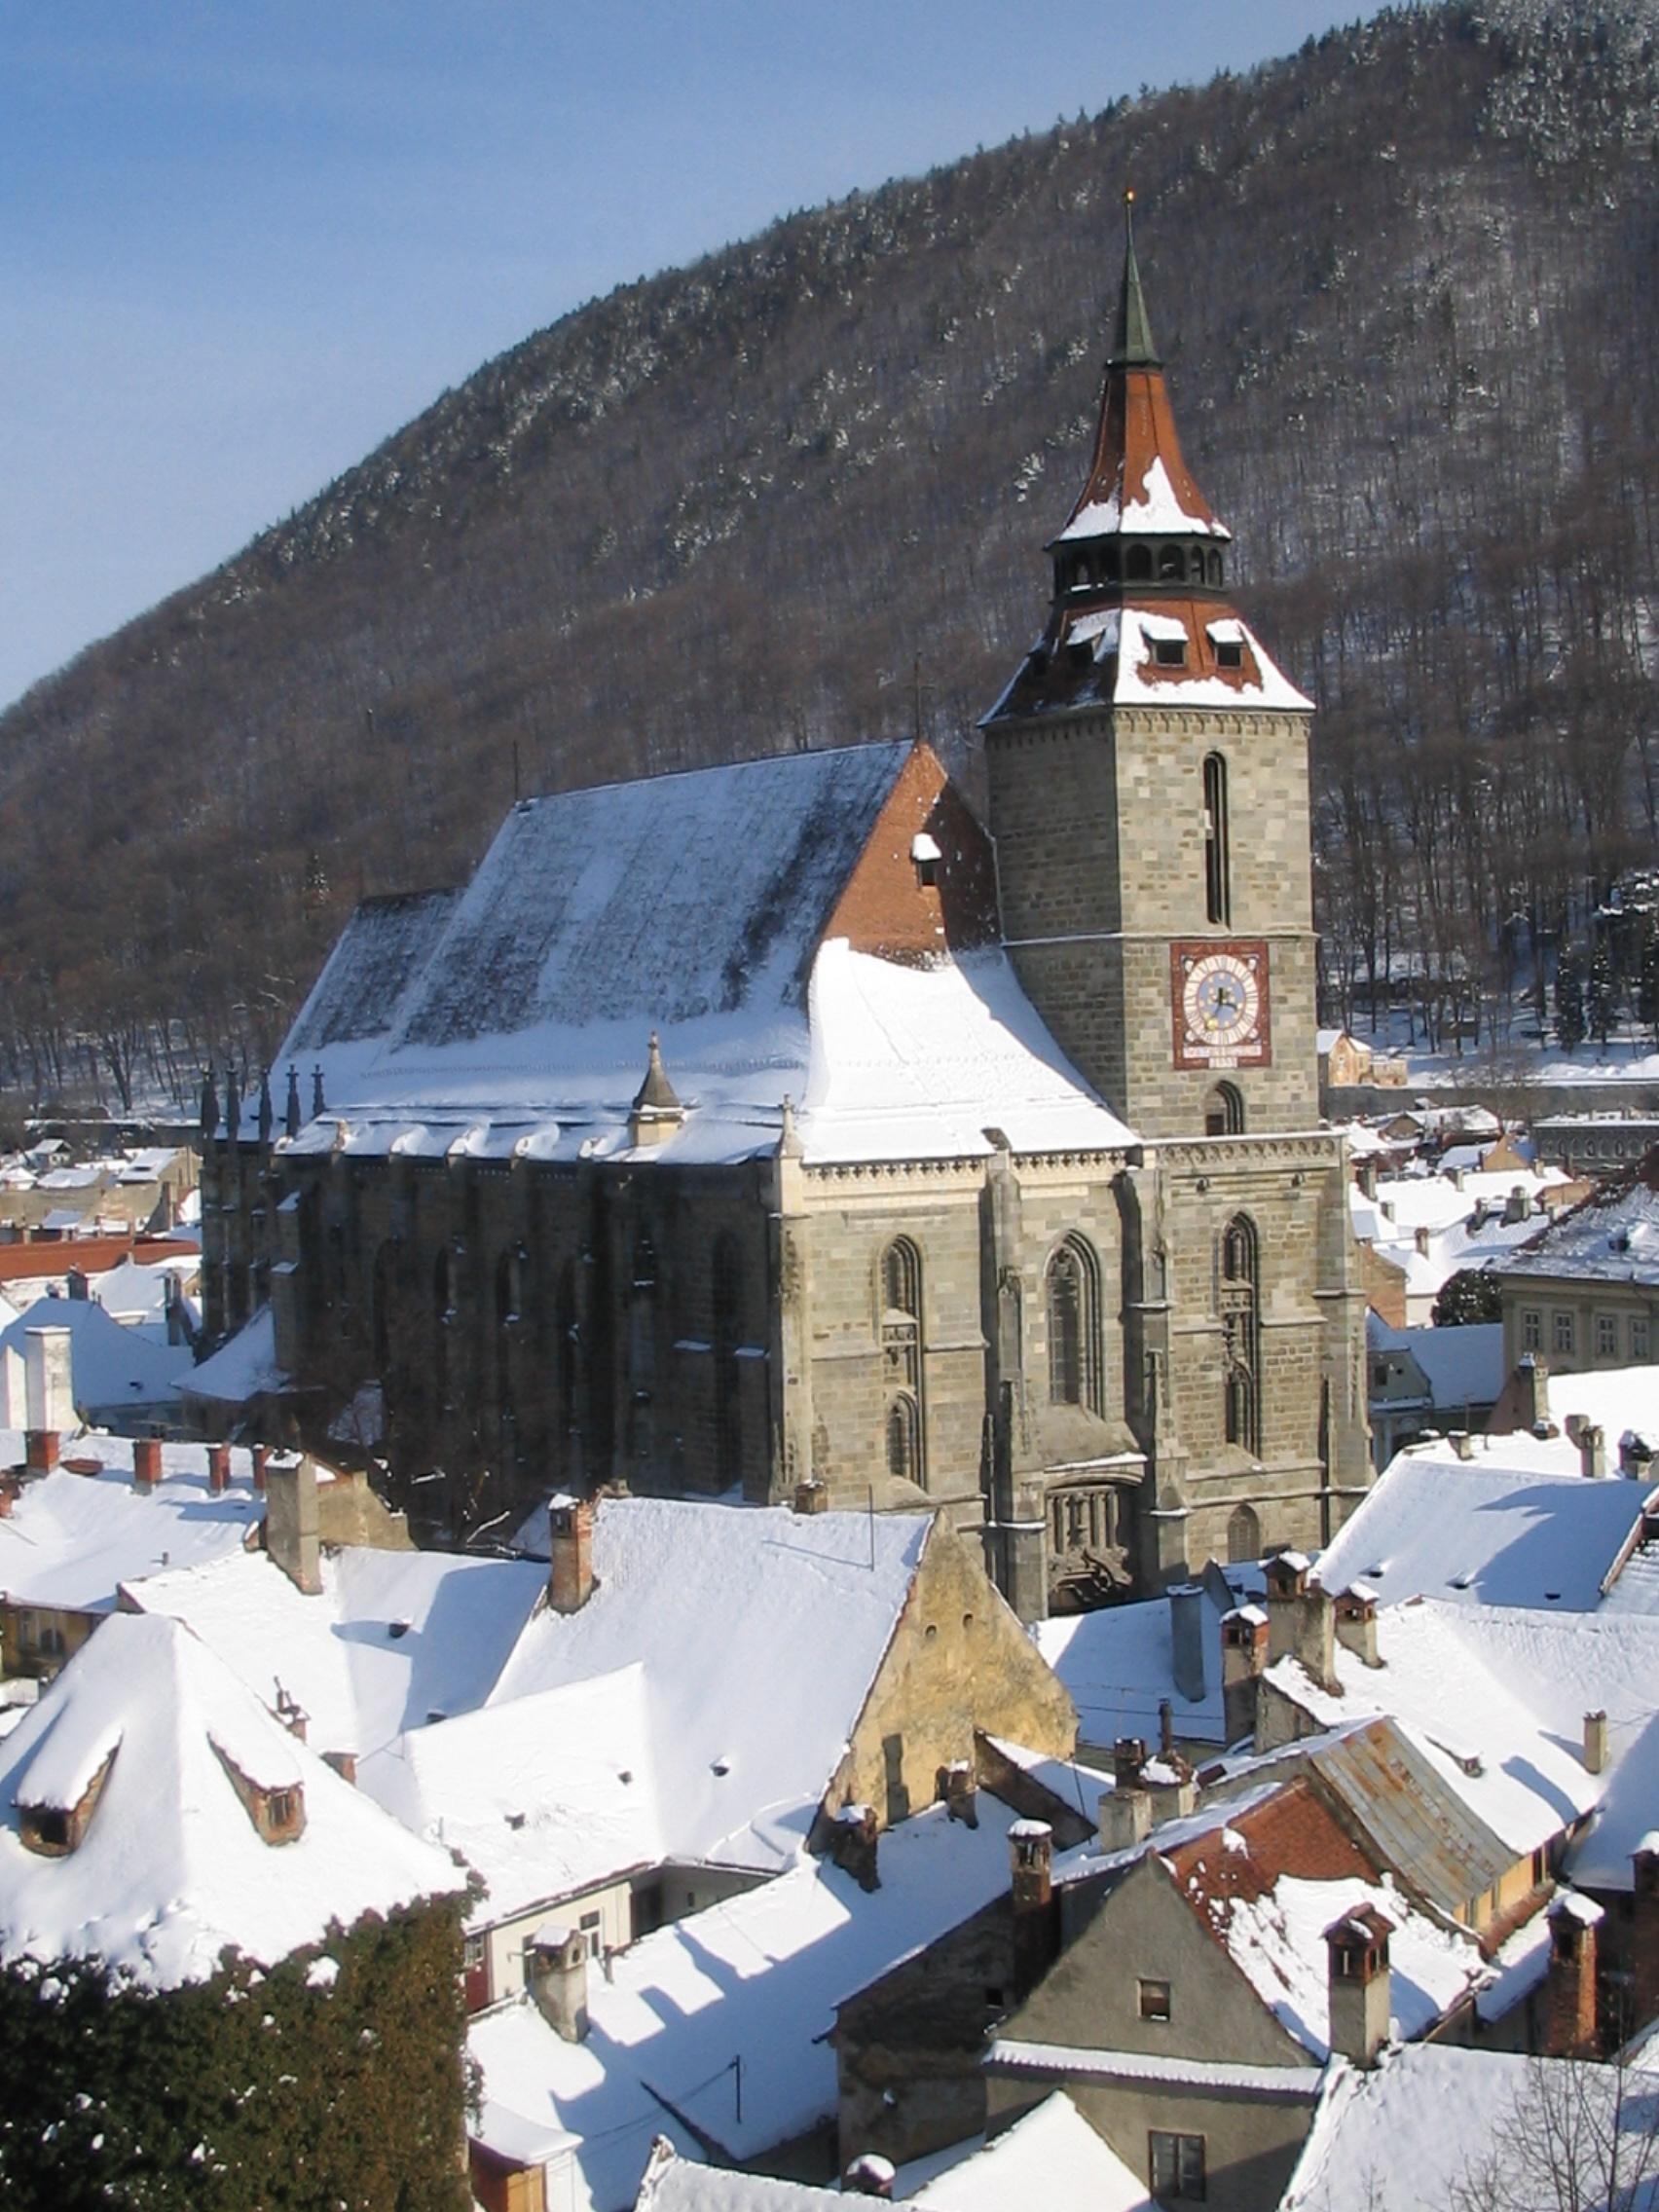 Brașov, una buena ciudad para ir a visitar el castillo de Dracula en invierno